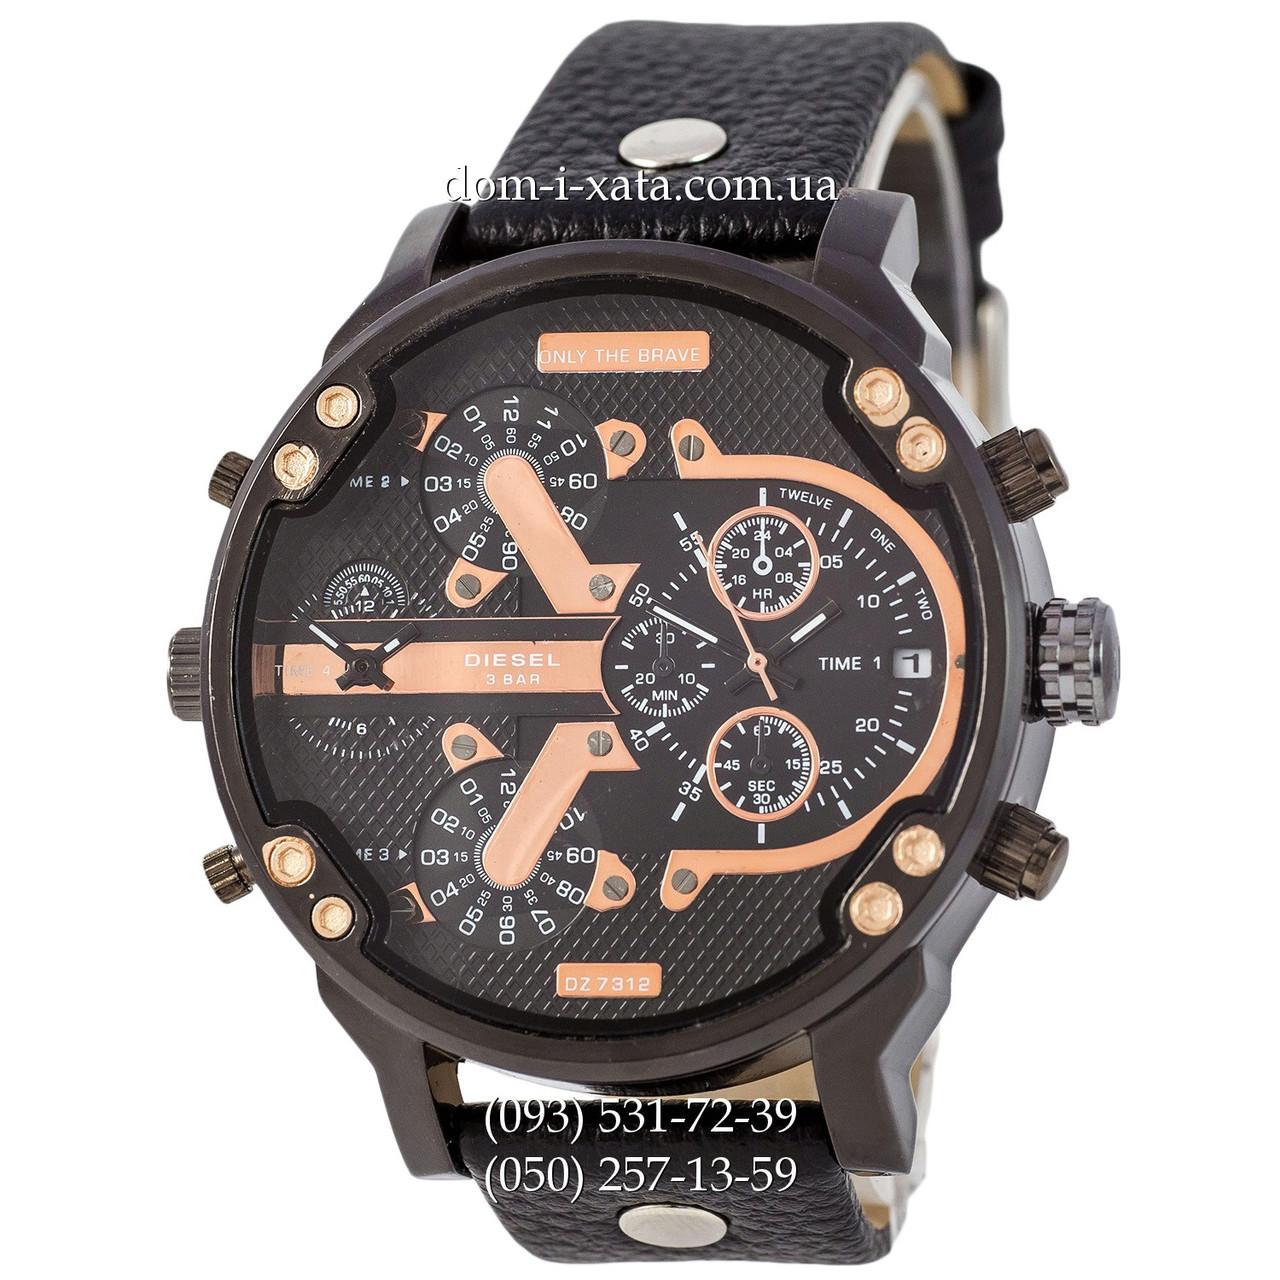 Мужские часы Diesel DZ7314 All Black-Cuprum, кварцевые, элитные часы Дизель Брейв, кожаный ремешек, реплика отличное качество!